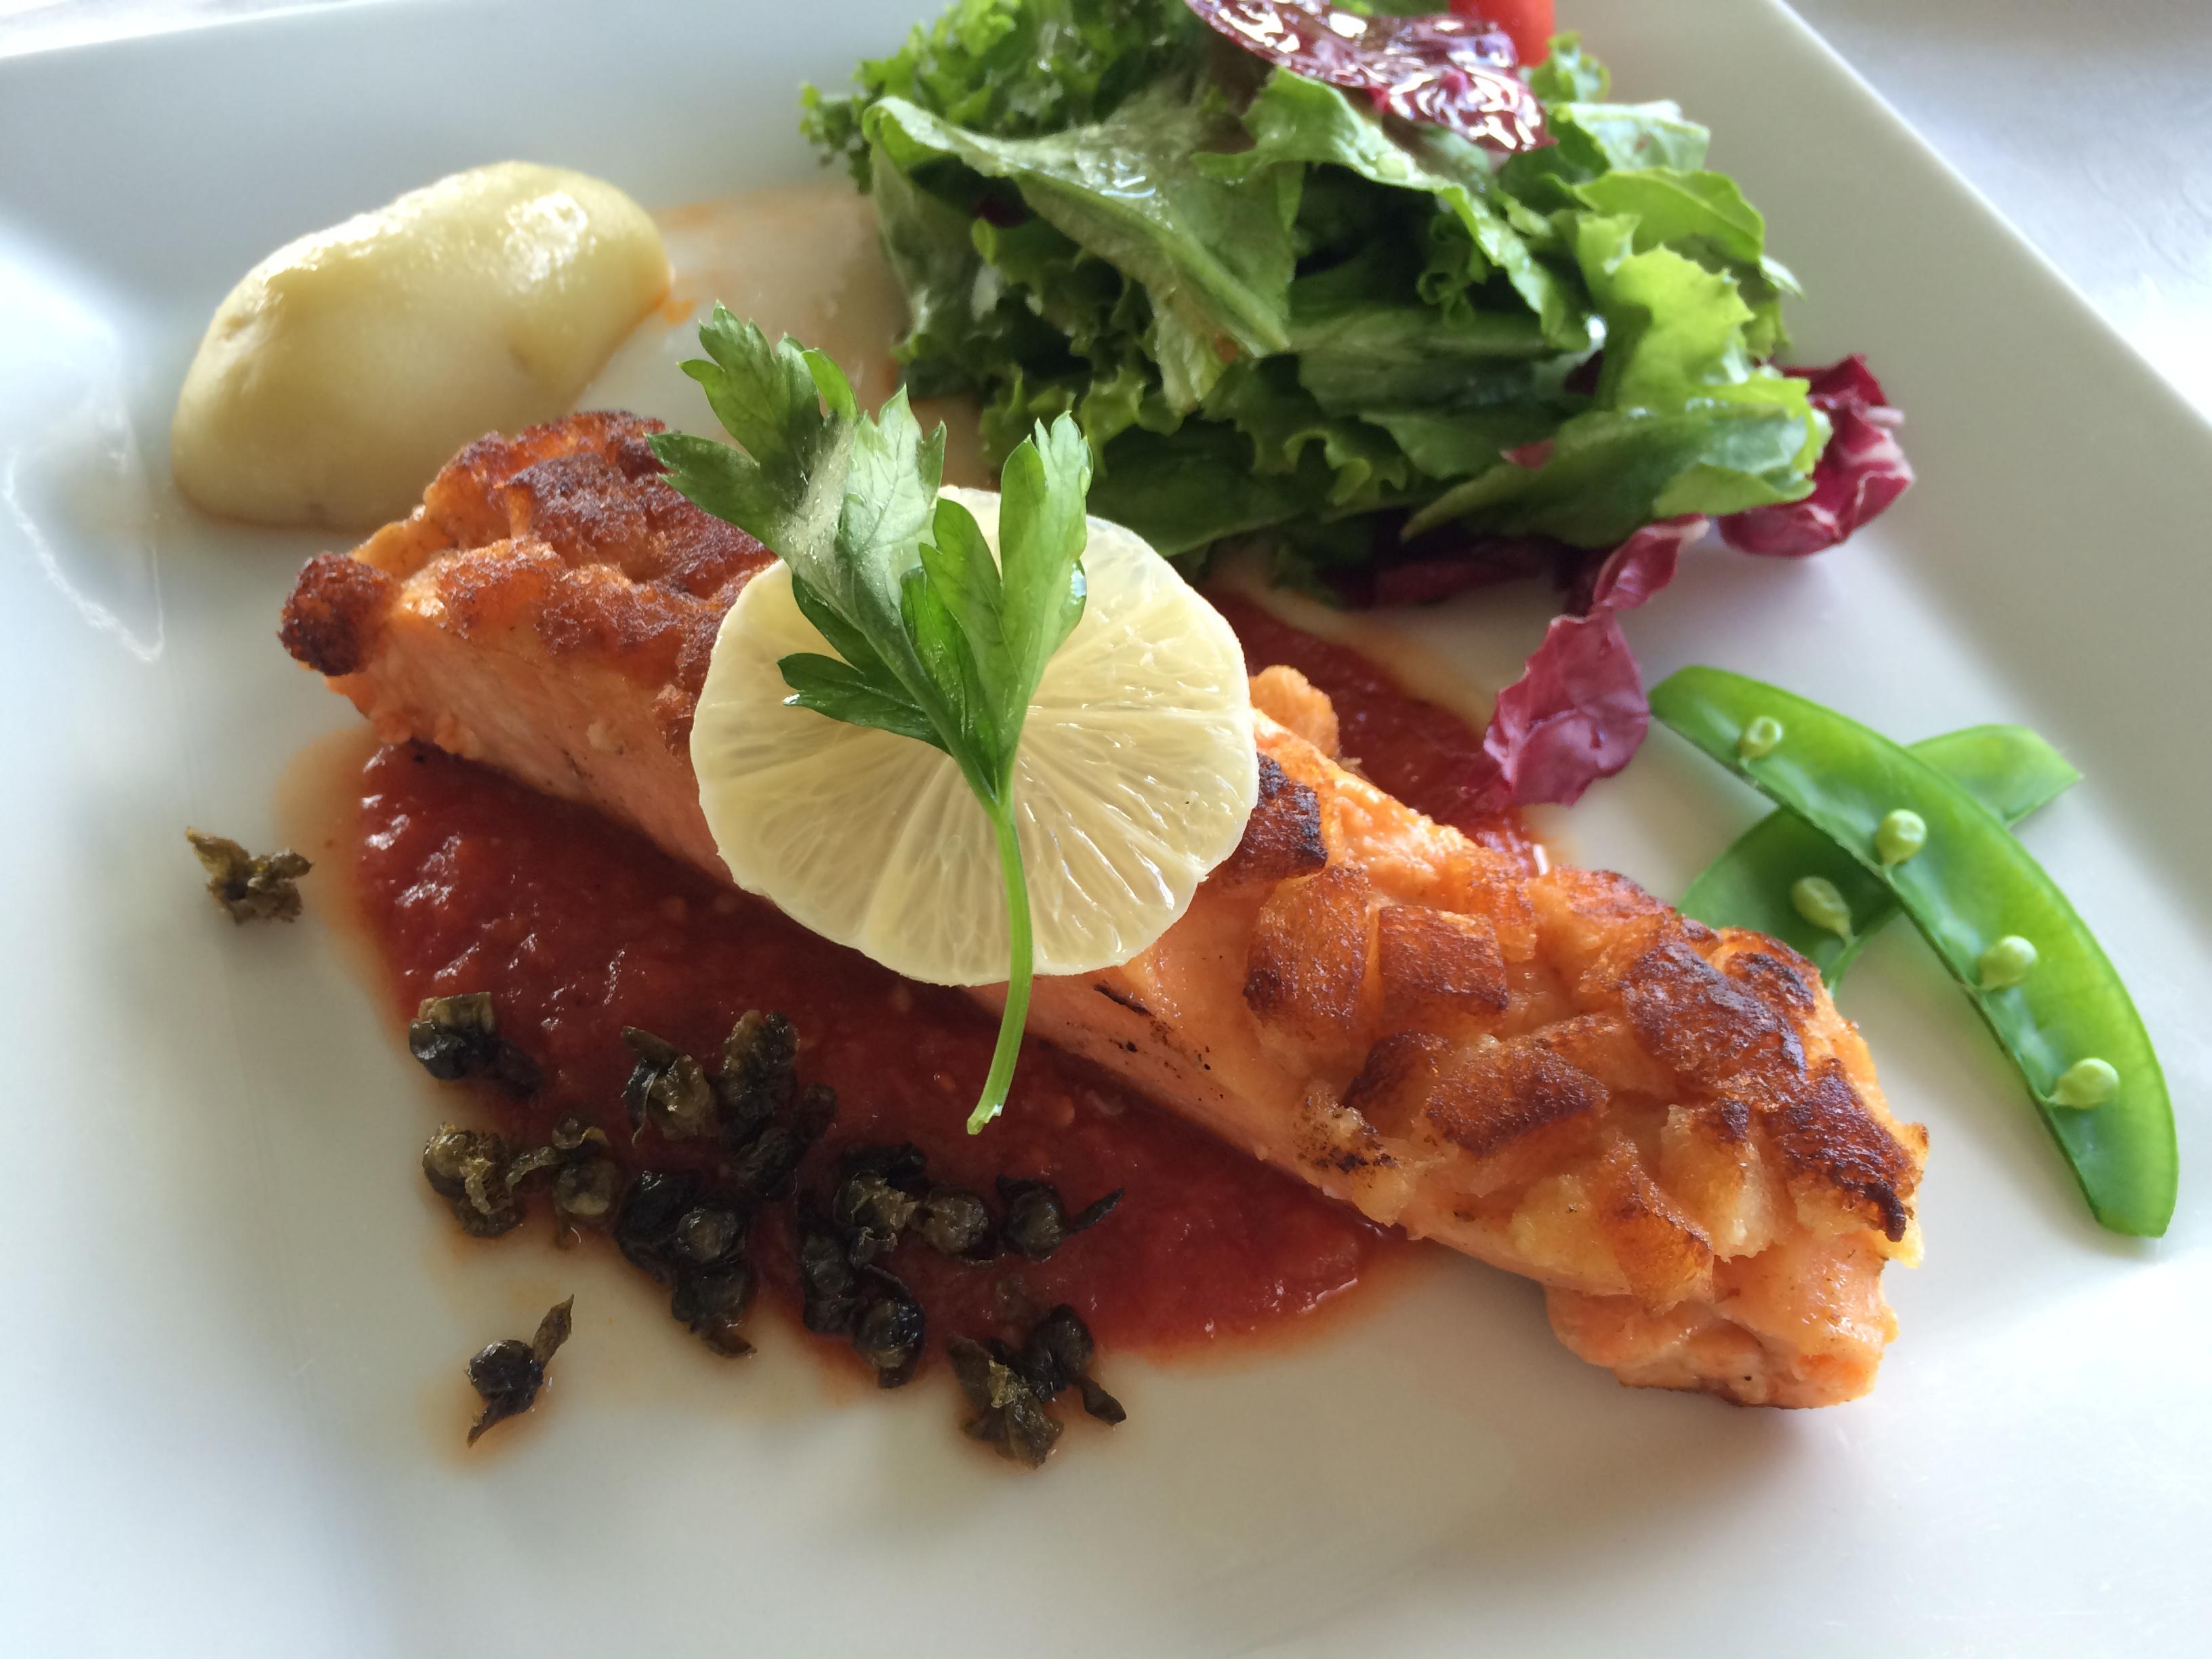 Salmon with tomato sauce